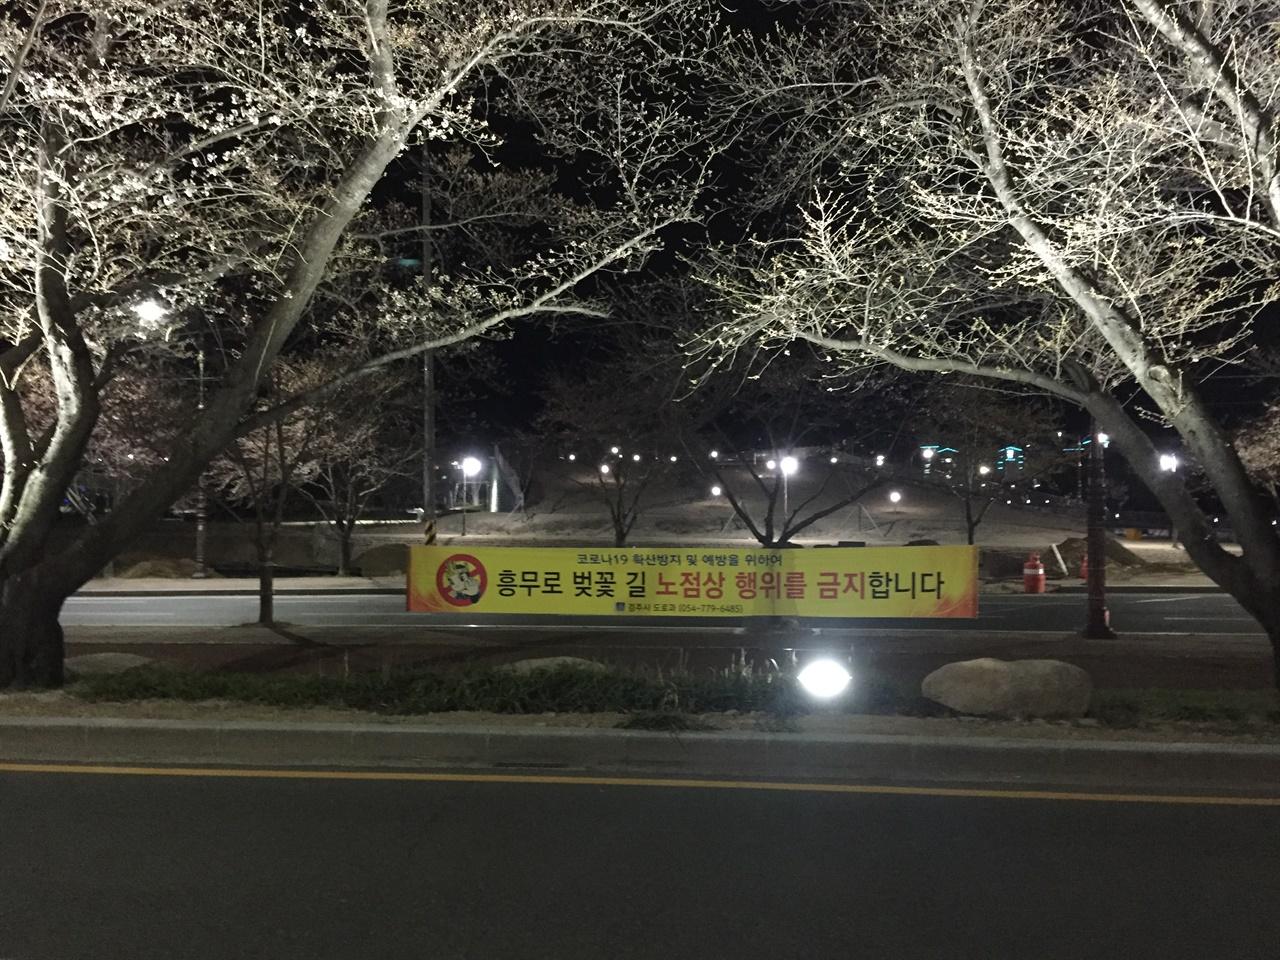 경주 흥무로 벚꽃길에 '노점상 행위 금지' 현수막이 걸려 있는 모습